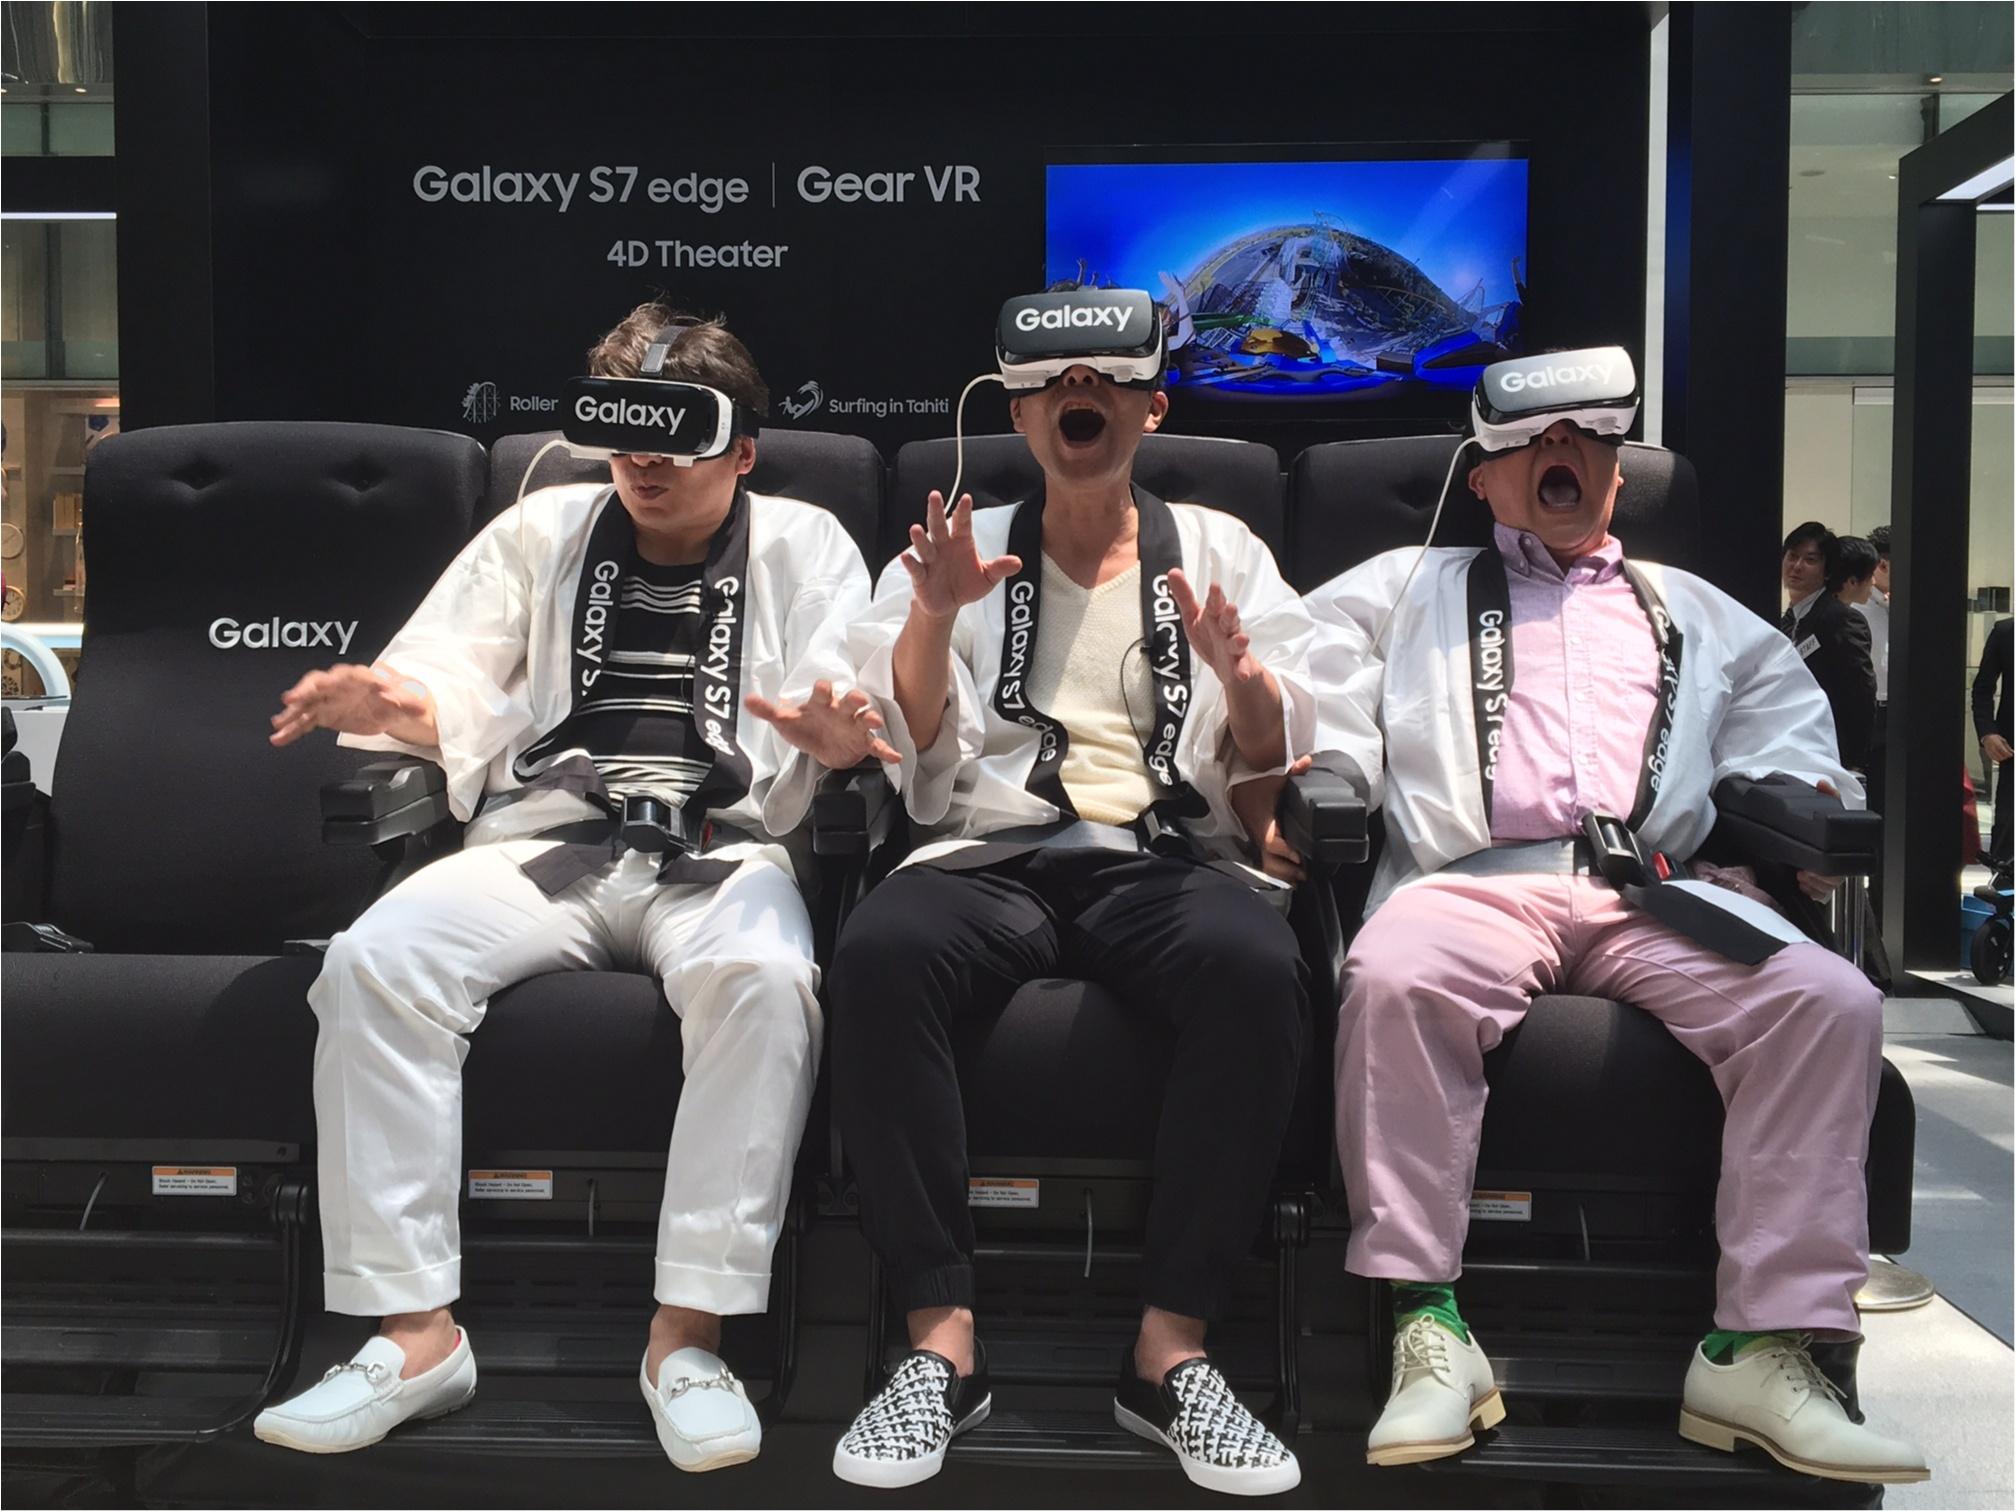 丸の内でジェットコースターとサーフィンが体験できる!? 期間限定『Galaxy Studio』が面白すぎ☆_7